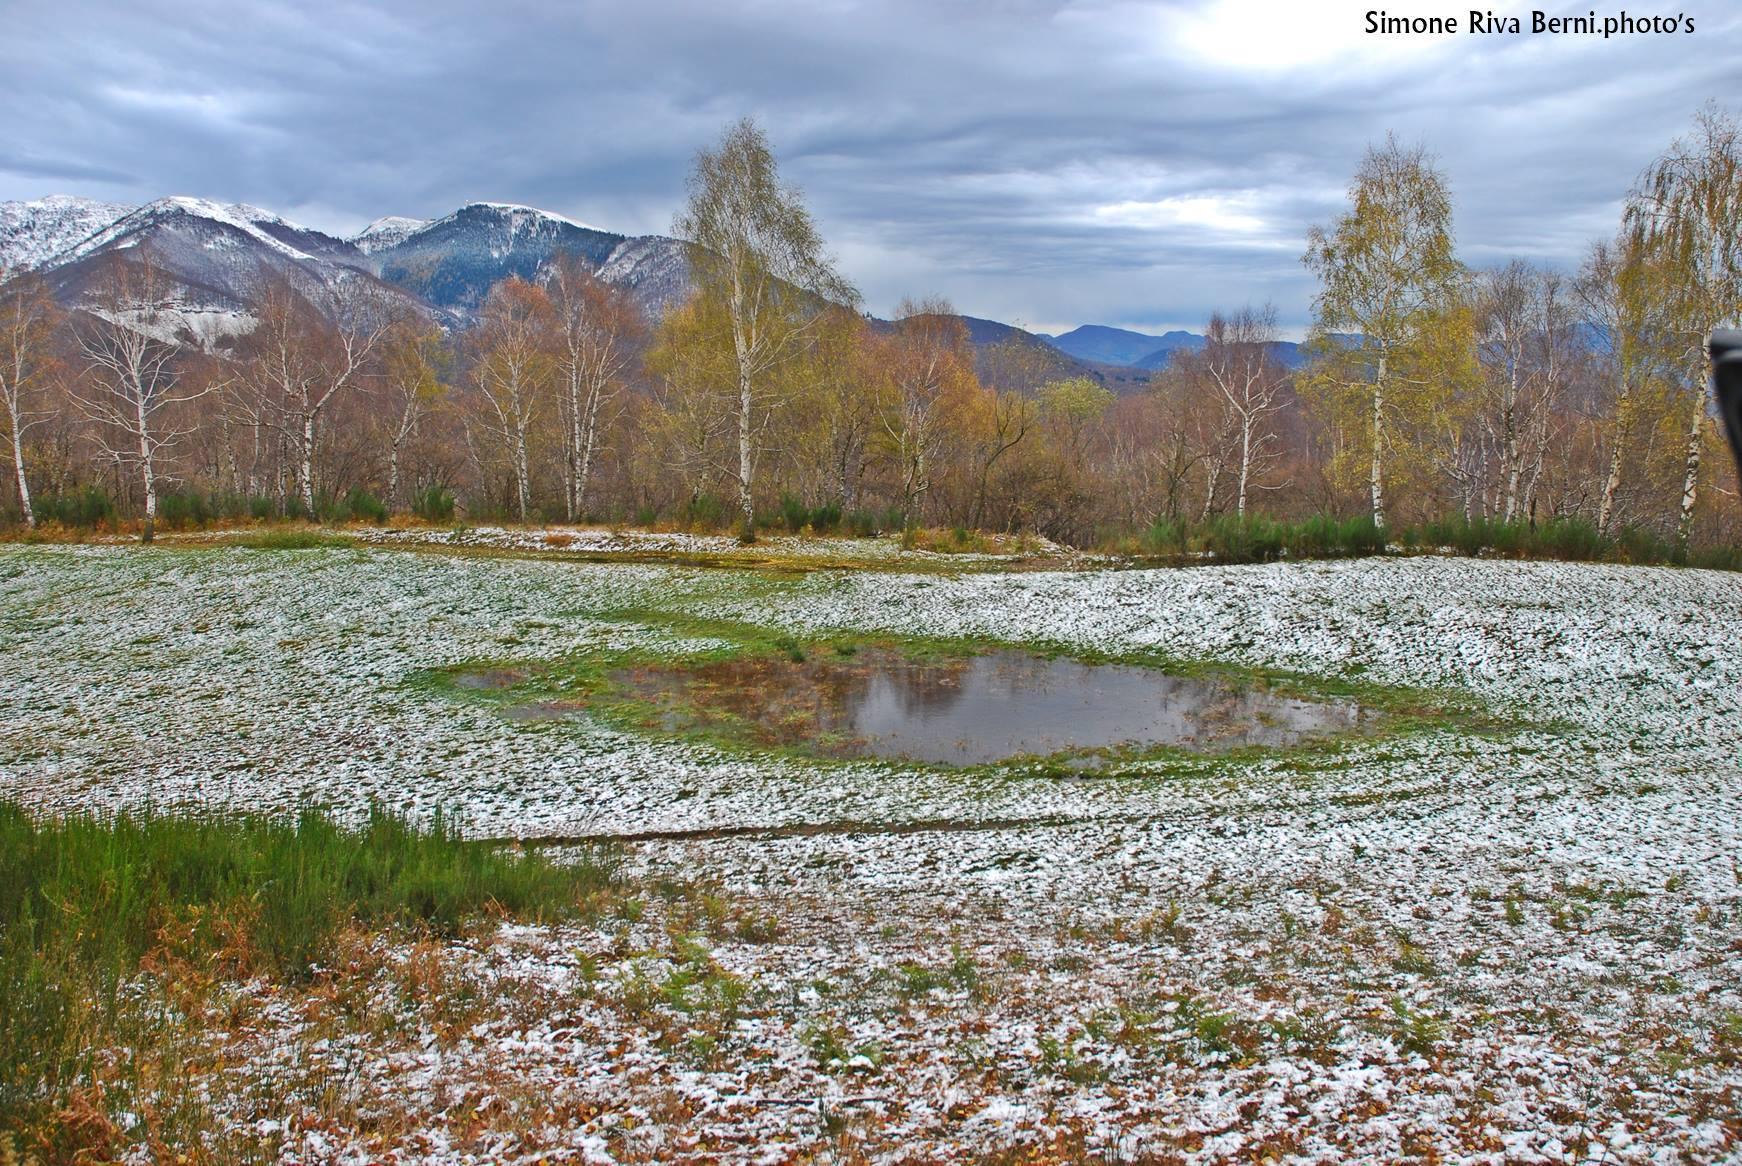 La magia della neve in autunno a Monterecchio. La foto è di Simone Riva Berni